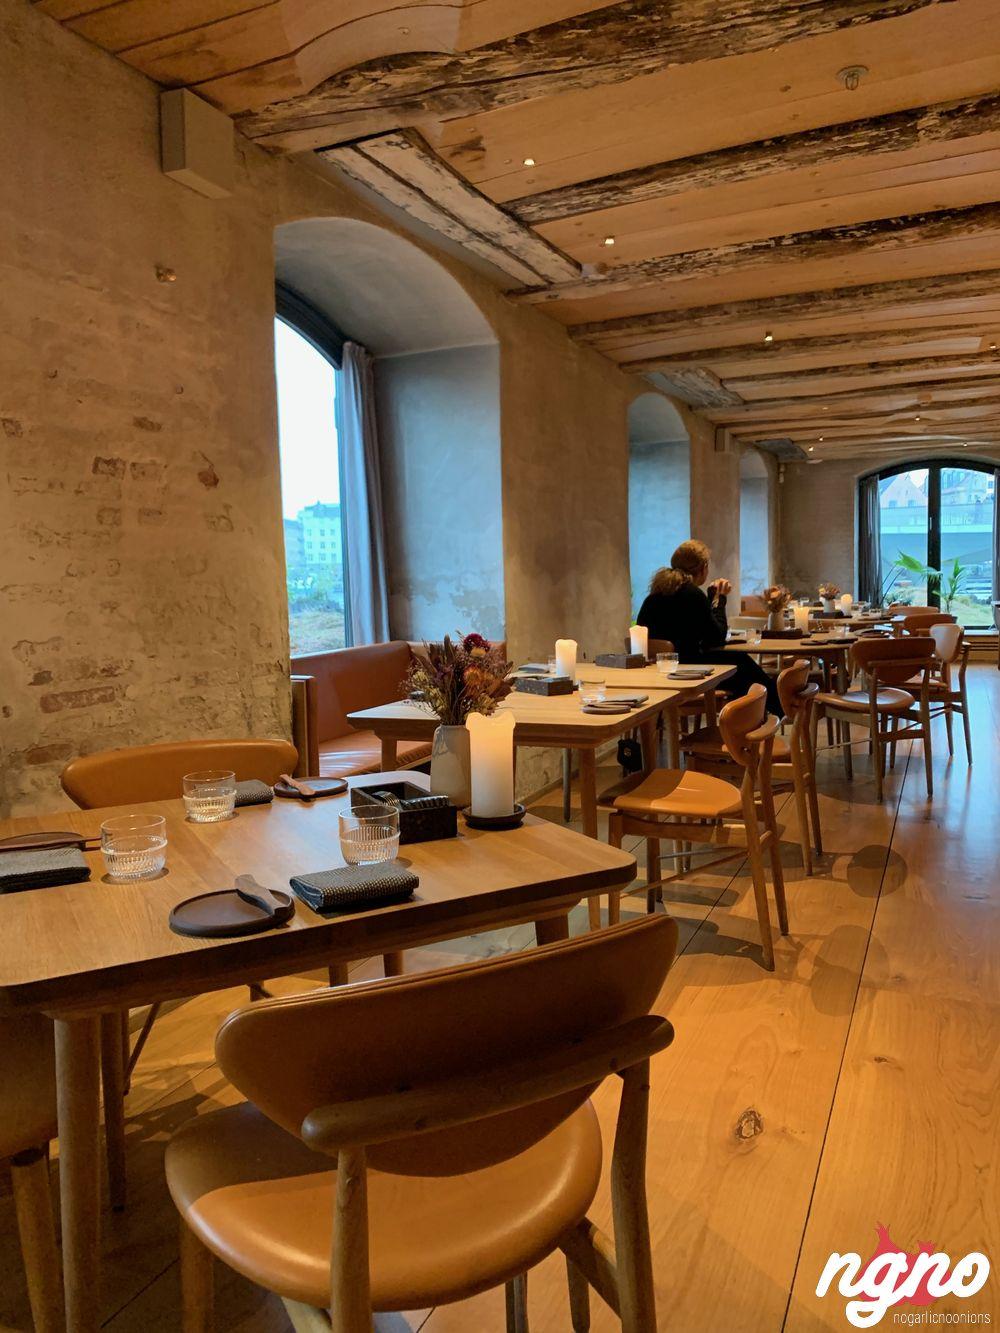 barr-restaurant-copenhagen-nogarlicnoonions-1532019-02-24-08-42-15